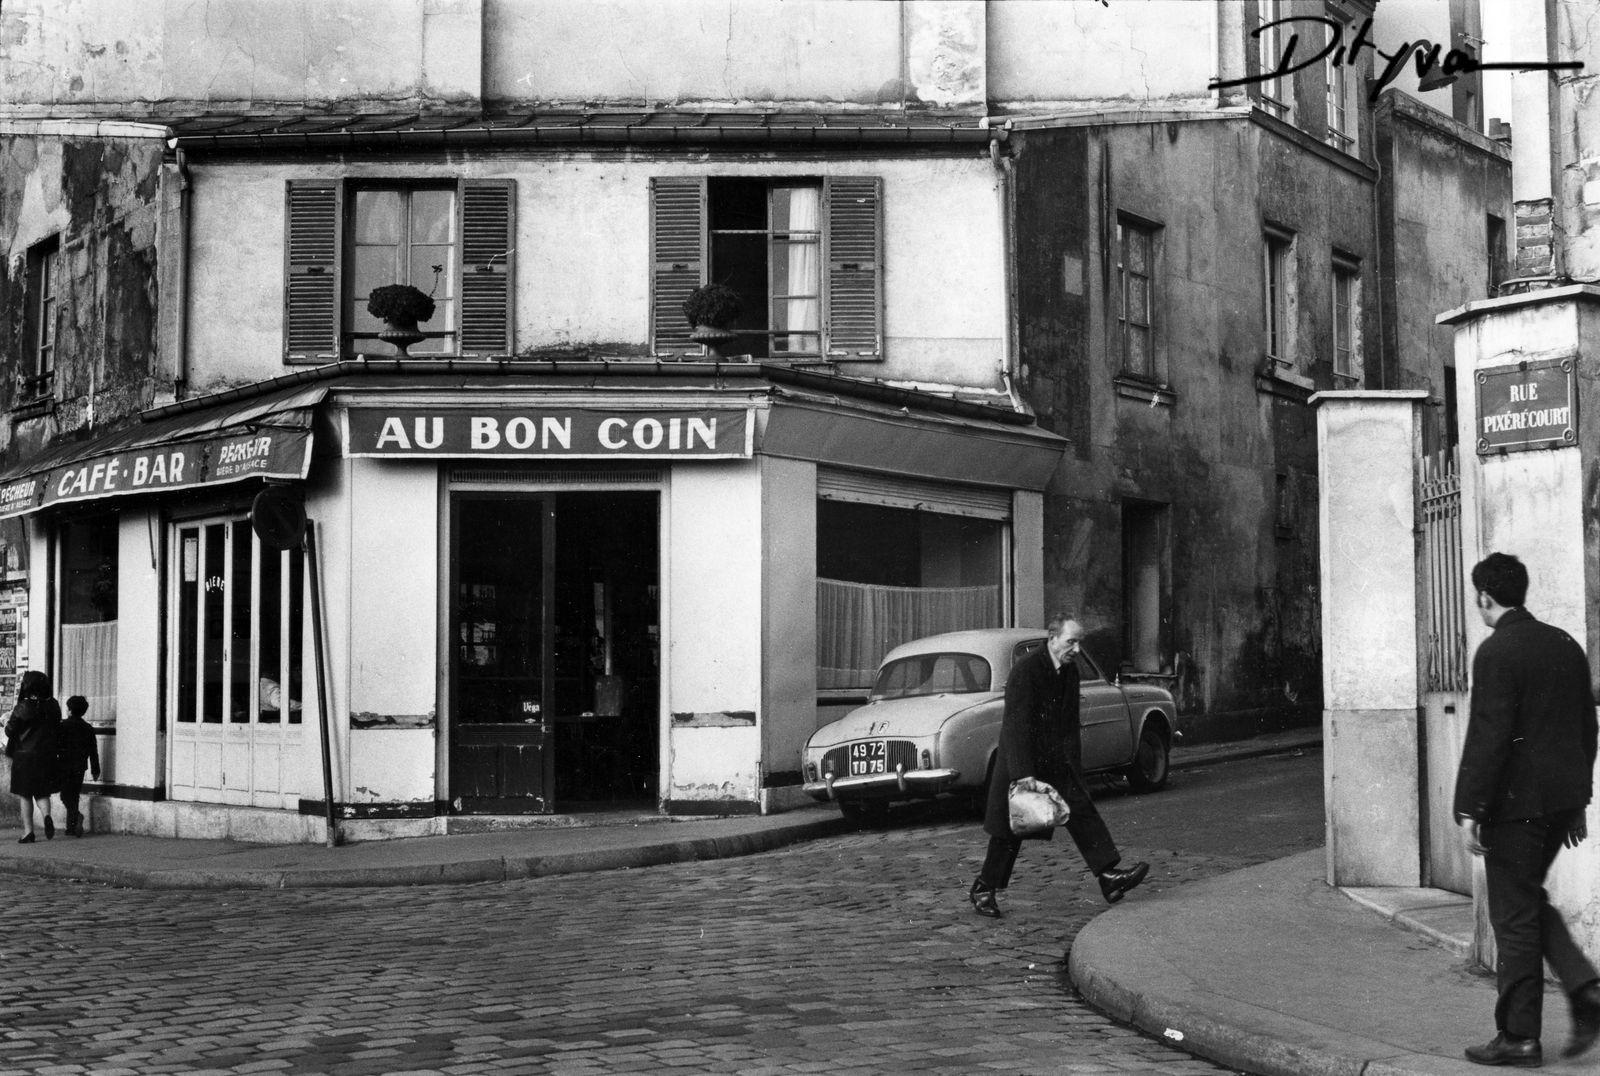 paris 1967 rue pixericourt au bon coin photo claude dityvon paris 30 40 50 y 60s. Black Bedroom Furniture Sets. Home Design Ideas